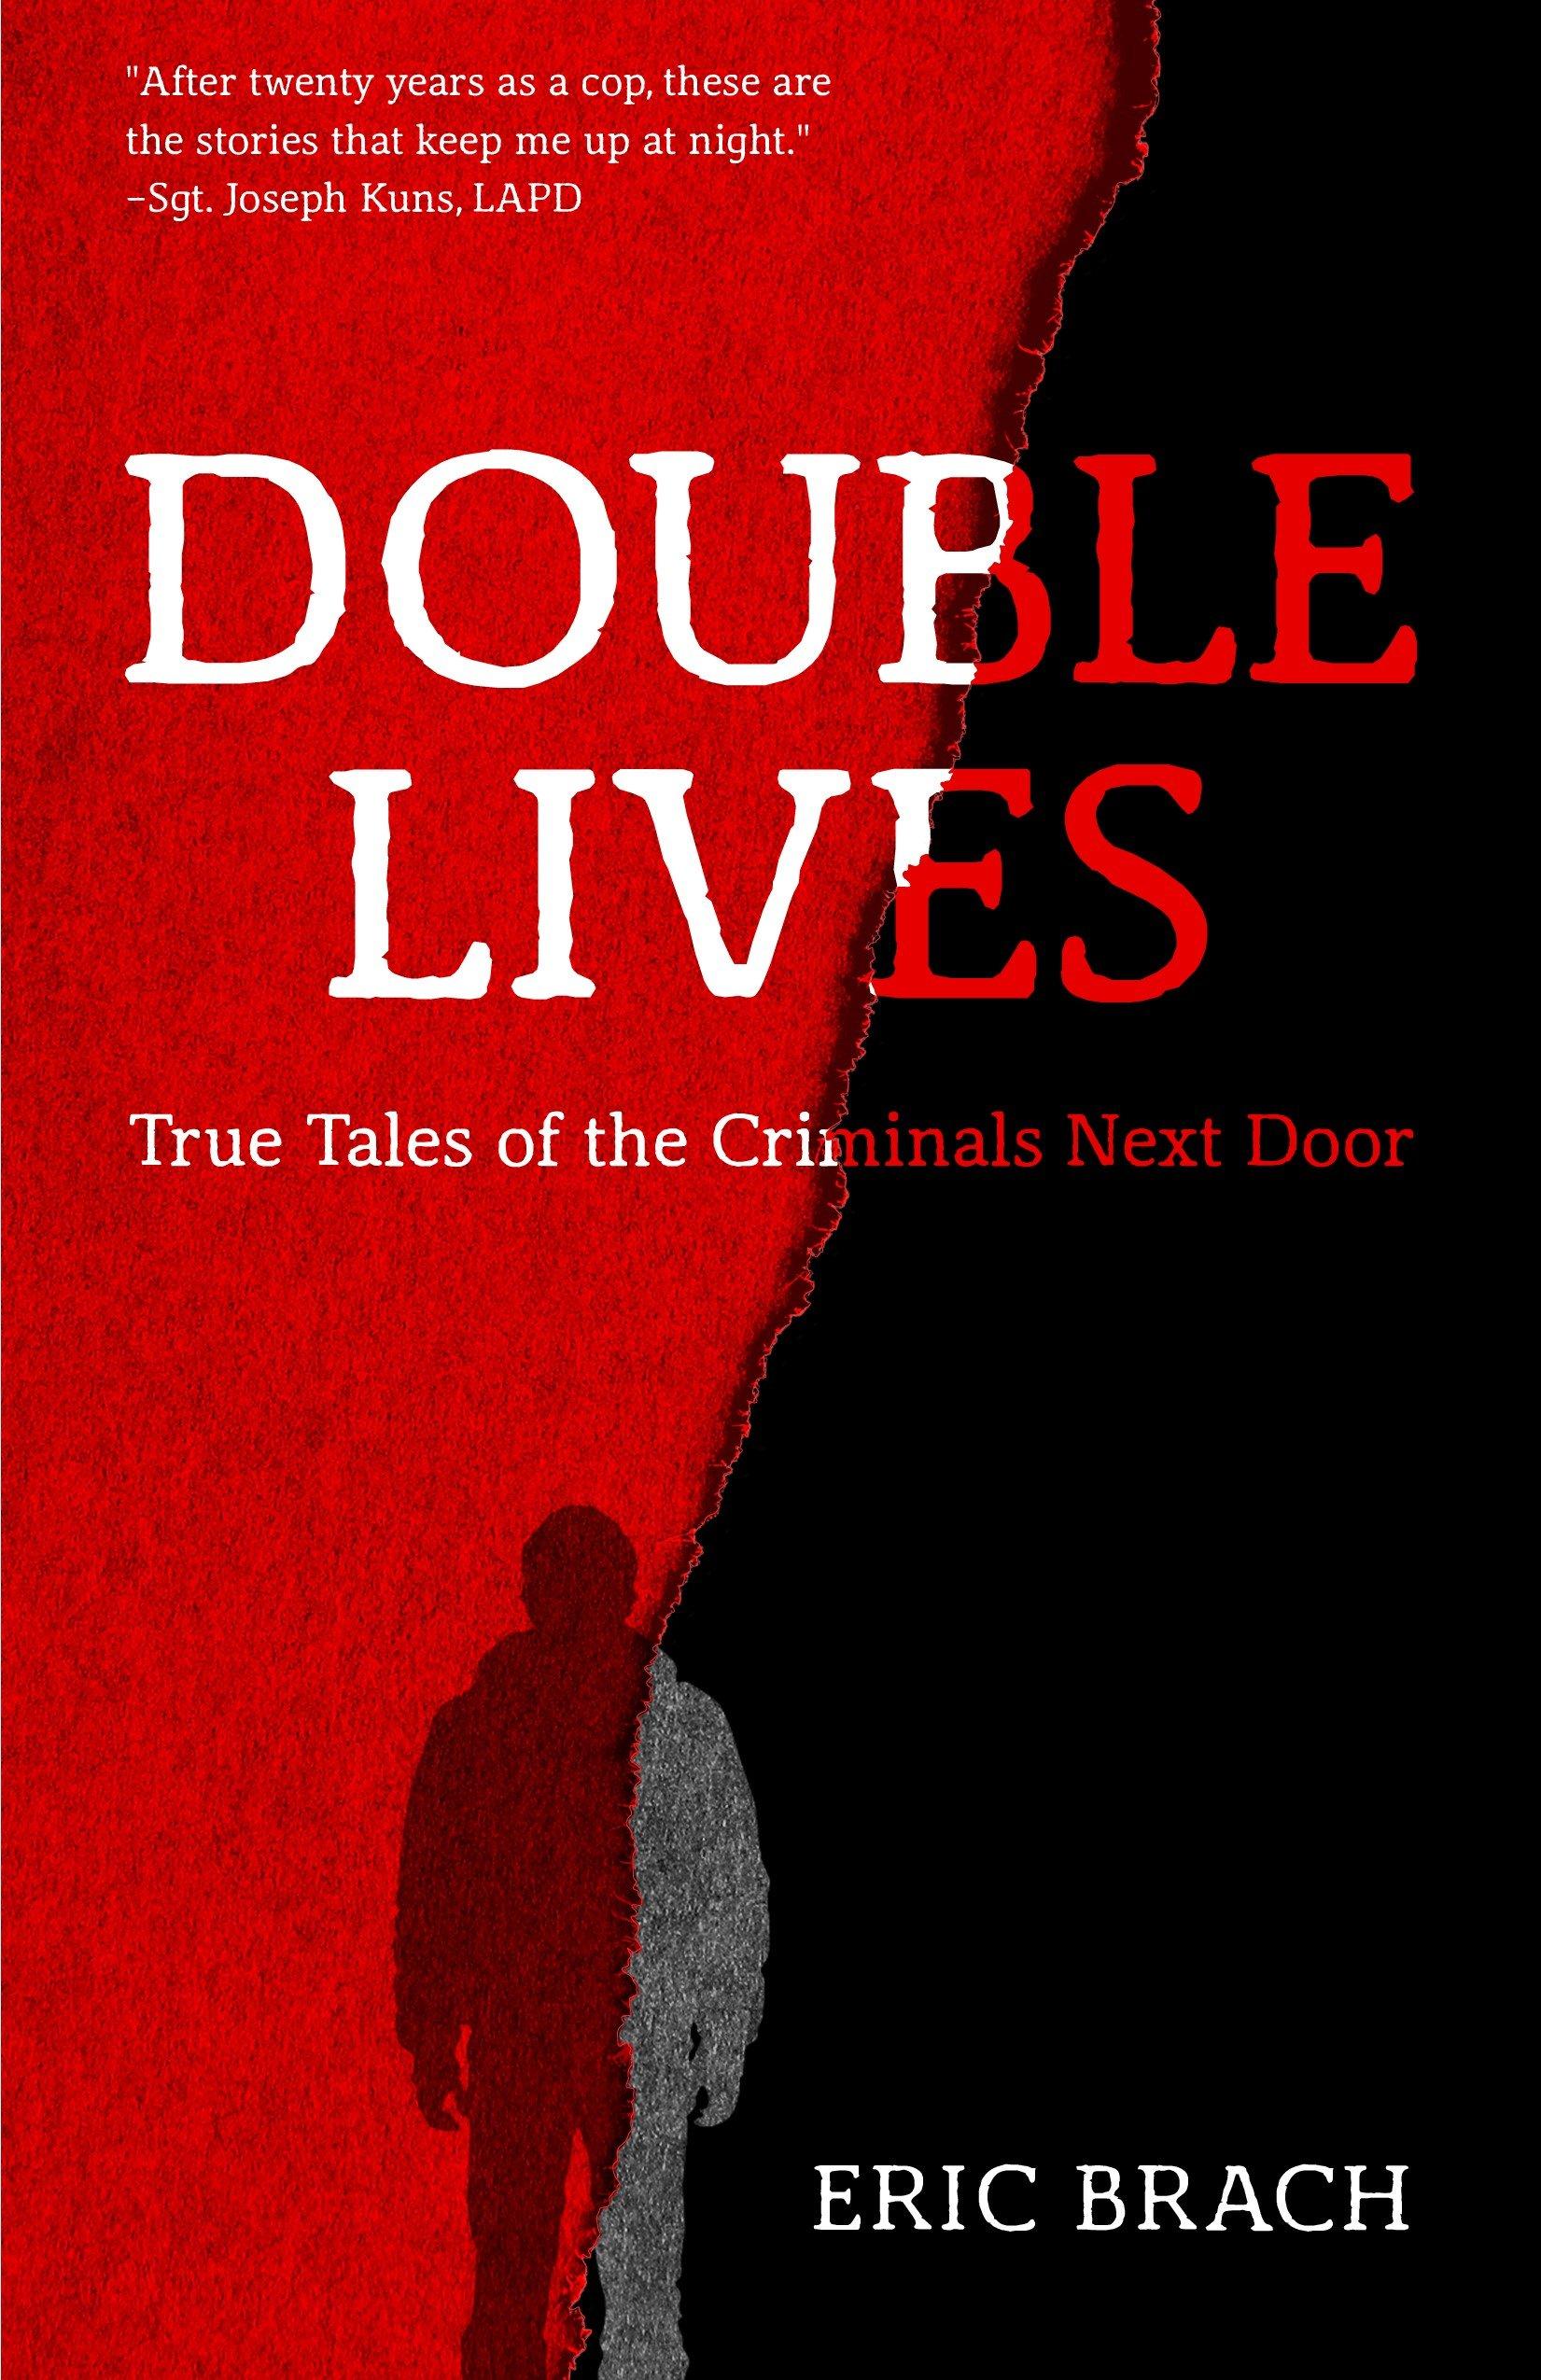 Double Lives: True Tales of the Criminals Next Door